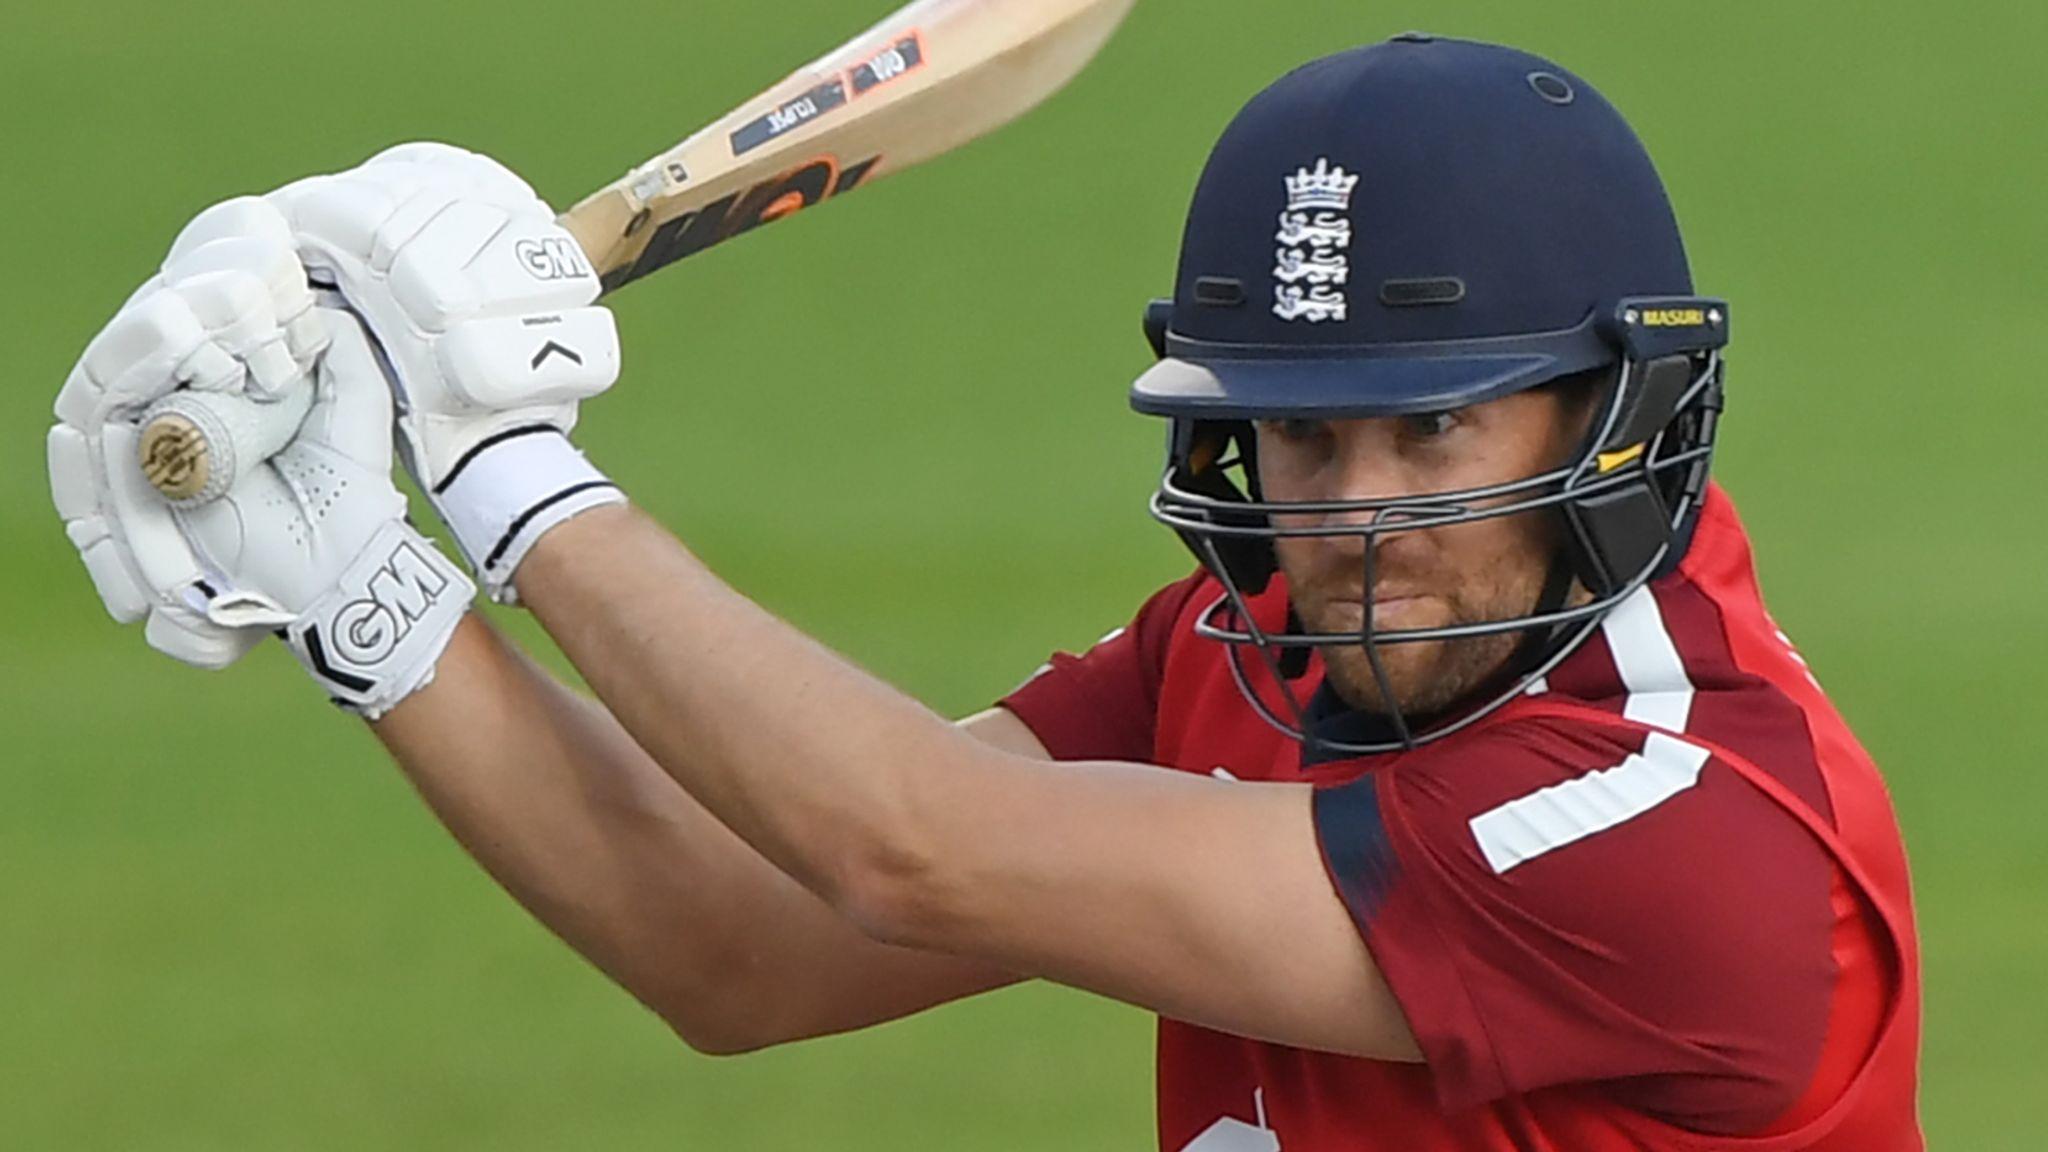 ICC T20 Rankings में विराट कोहली ने लगाई लंबी छलांग, केएल राहुल को हुआ नुकसान अब इस स्थान पर पहुंचा भारतीय ओपनर 2